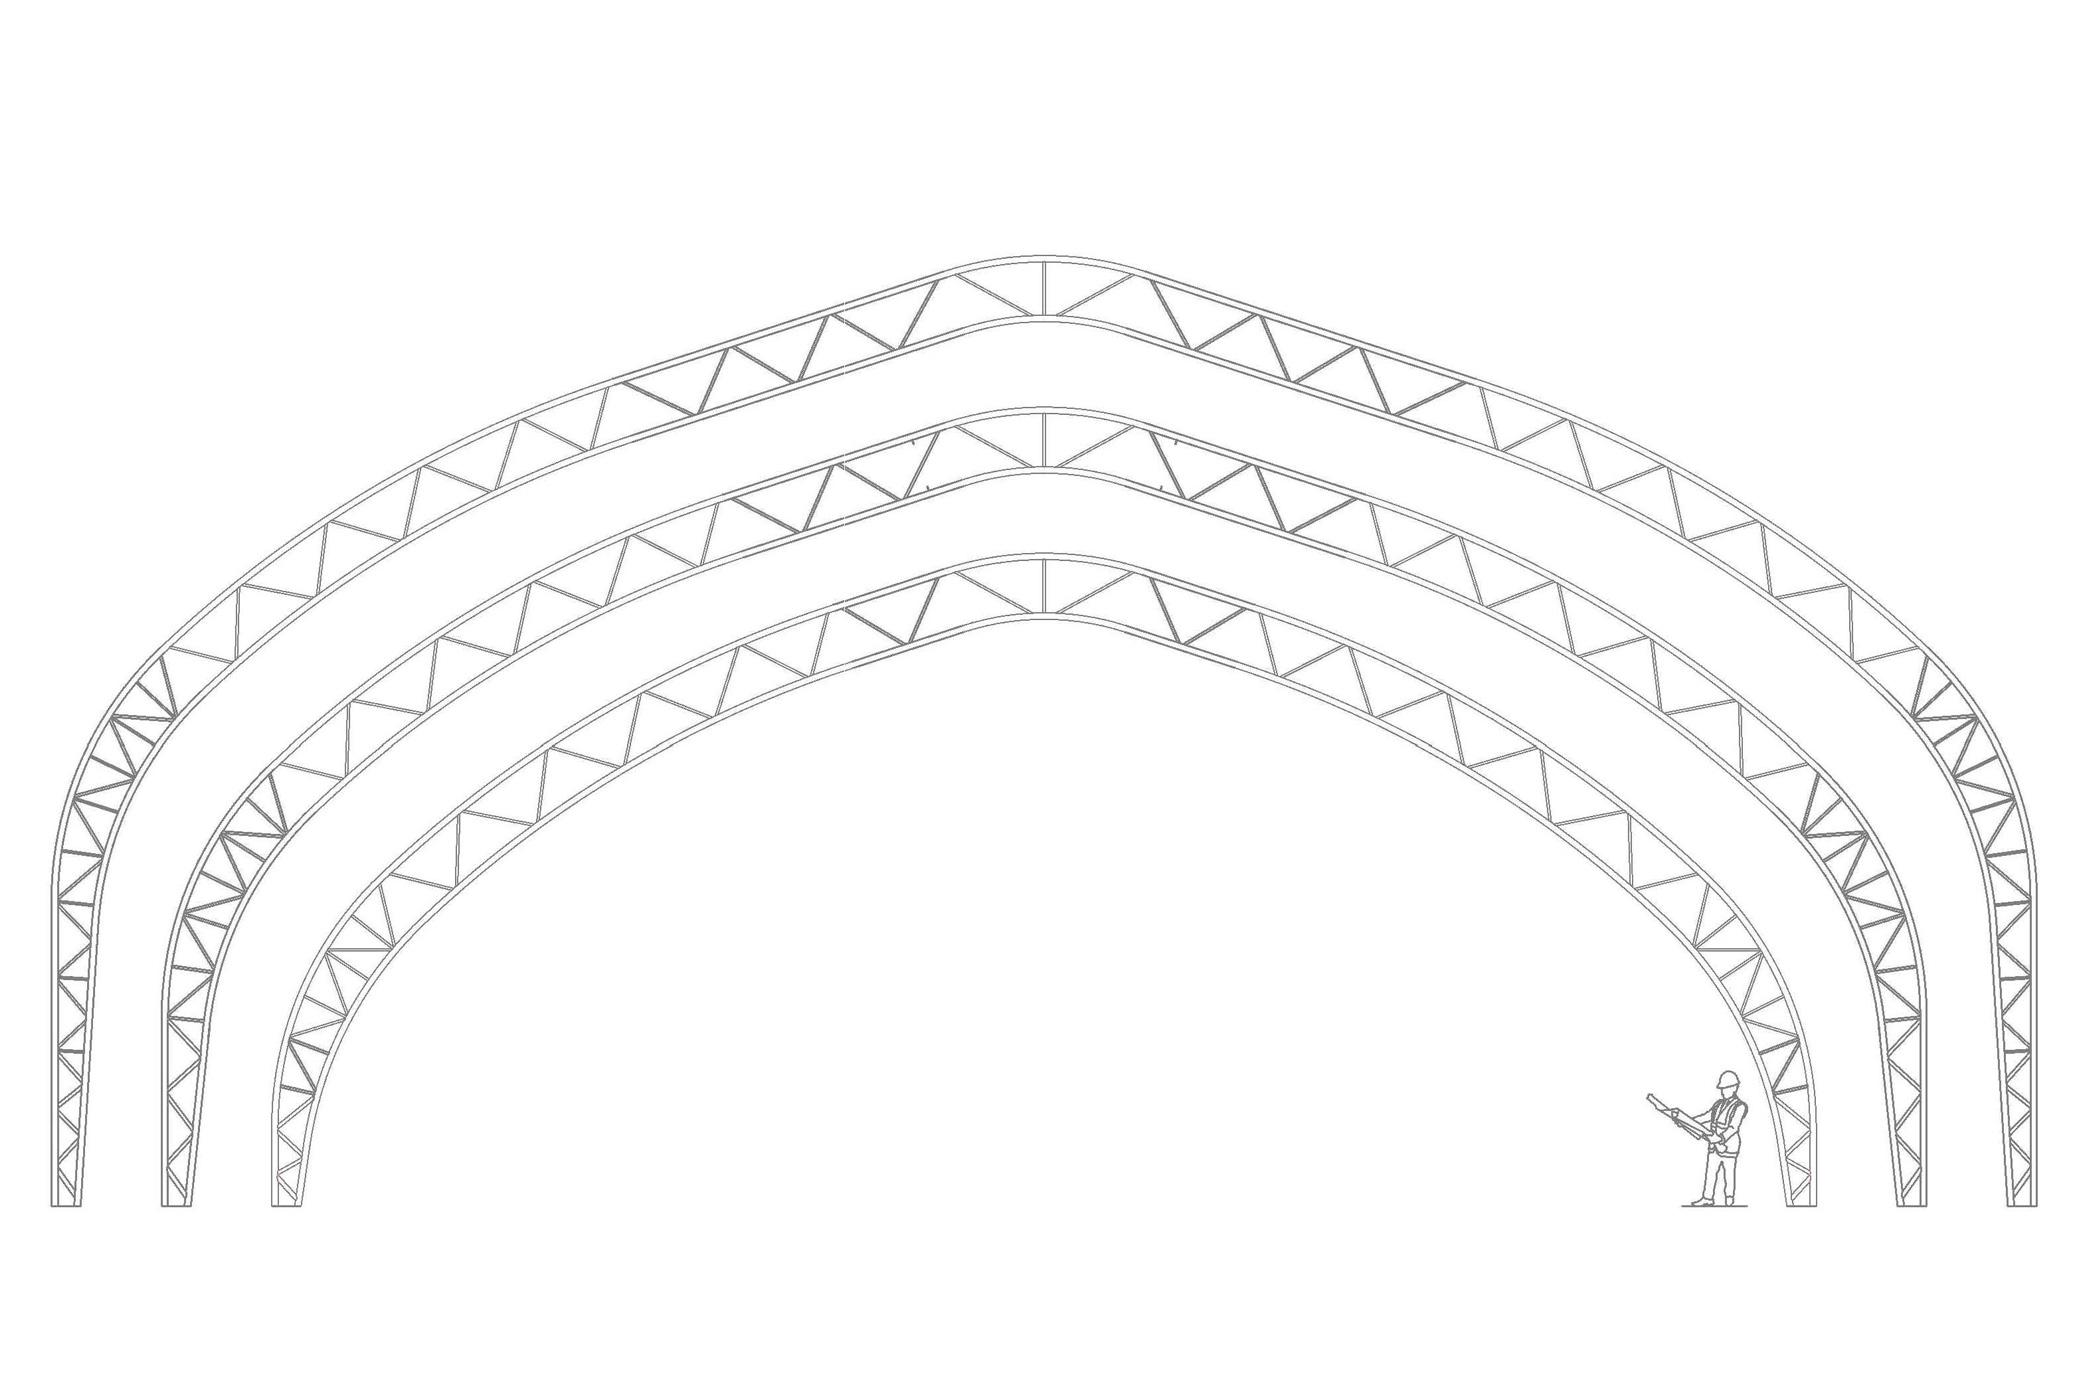 Structure permodome dessin 2